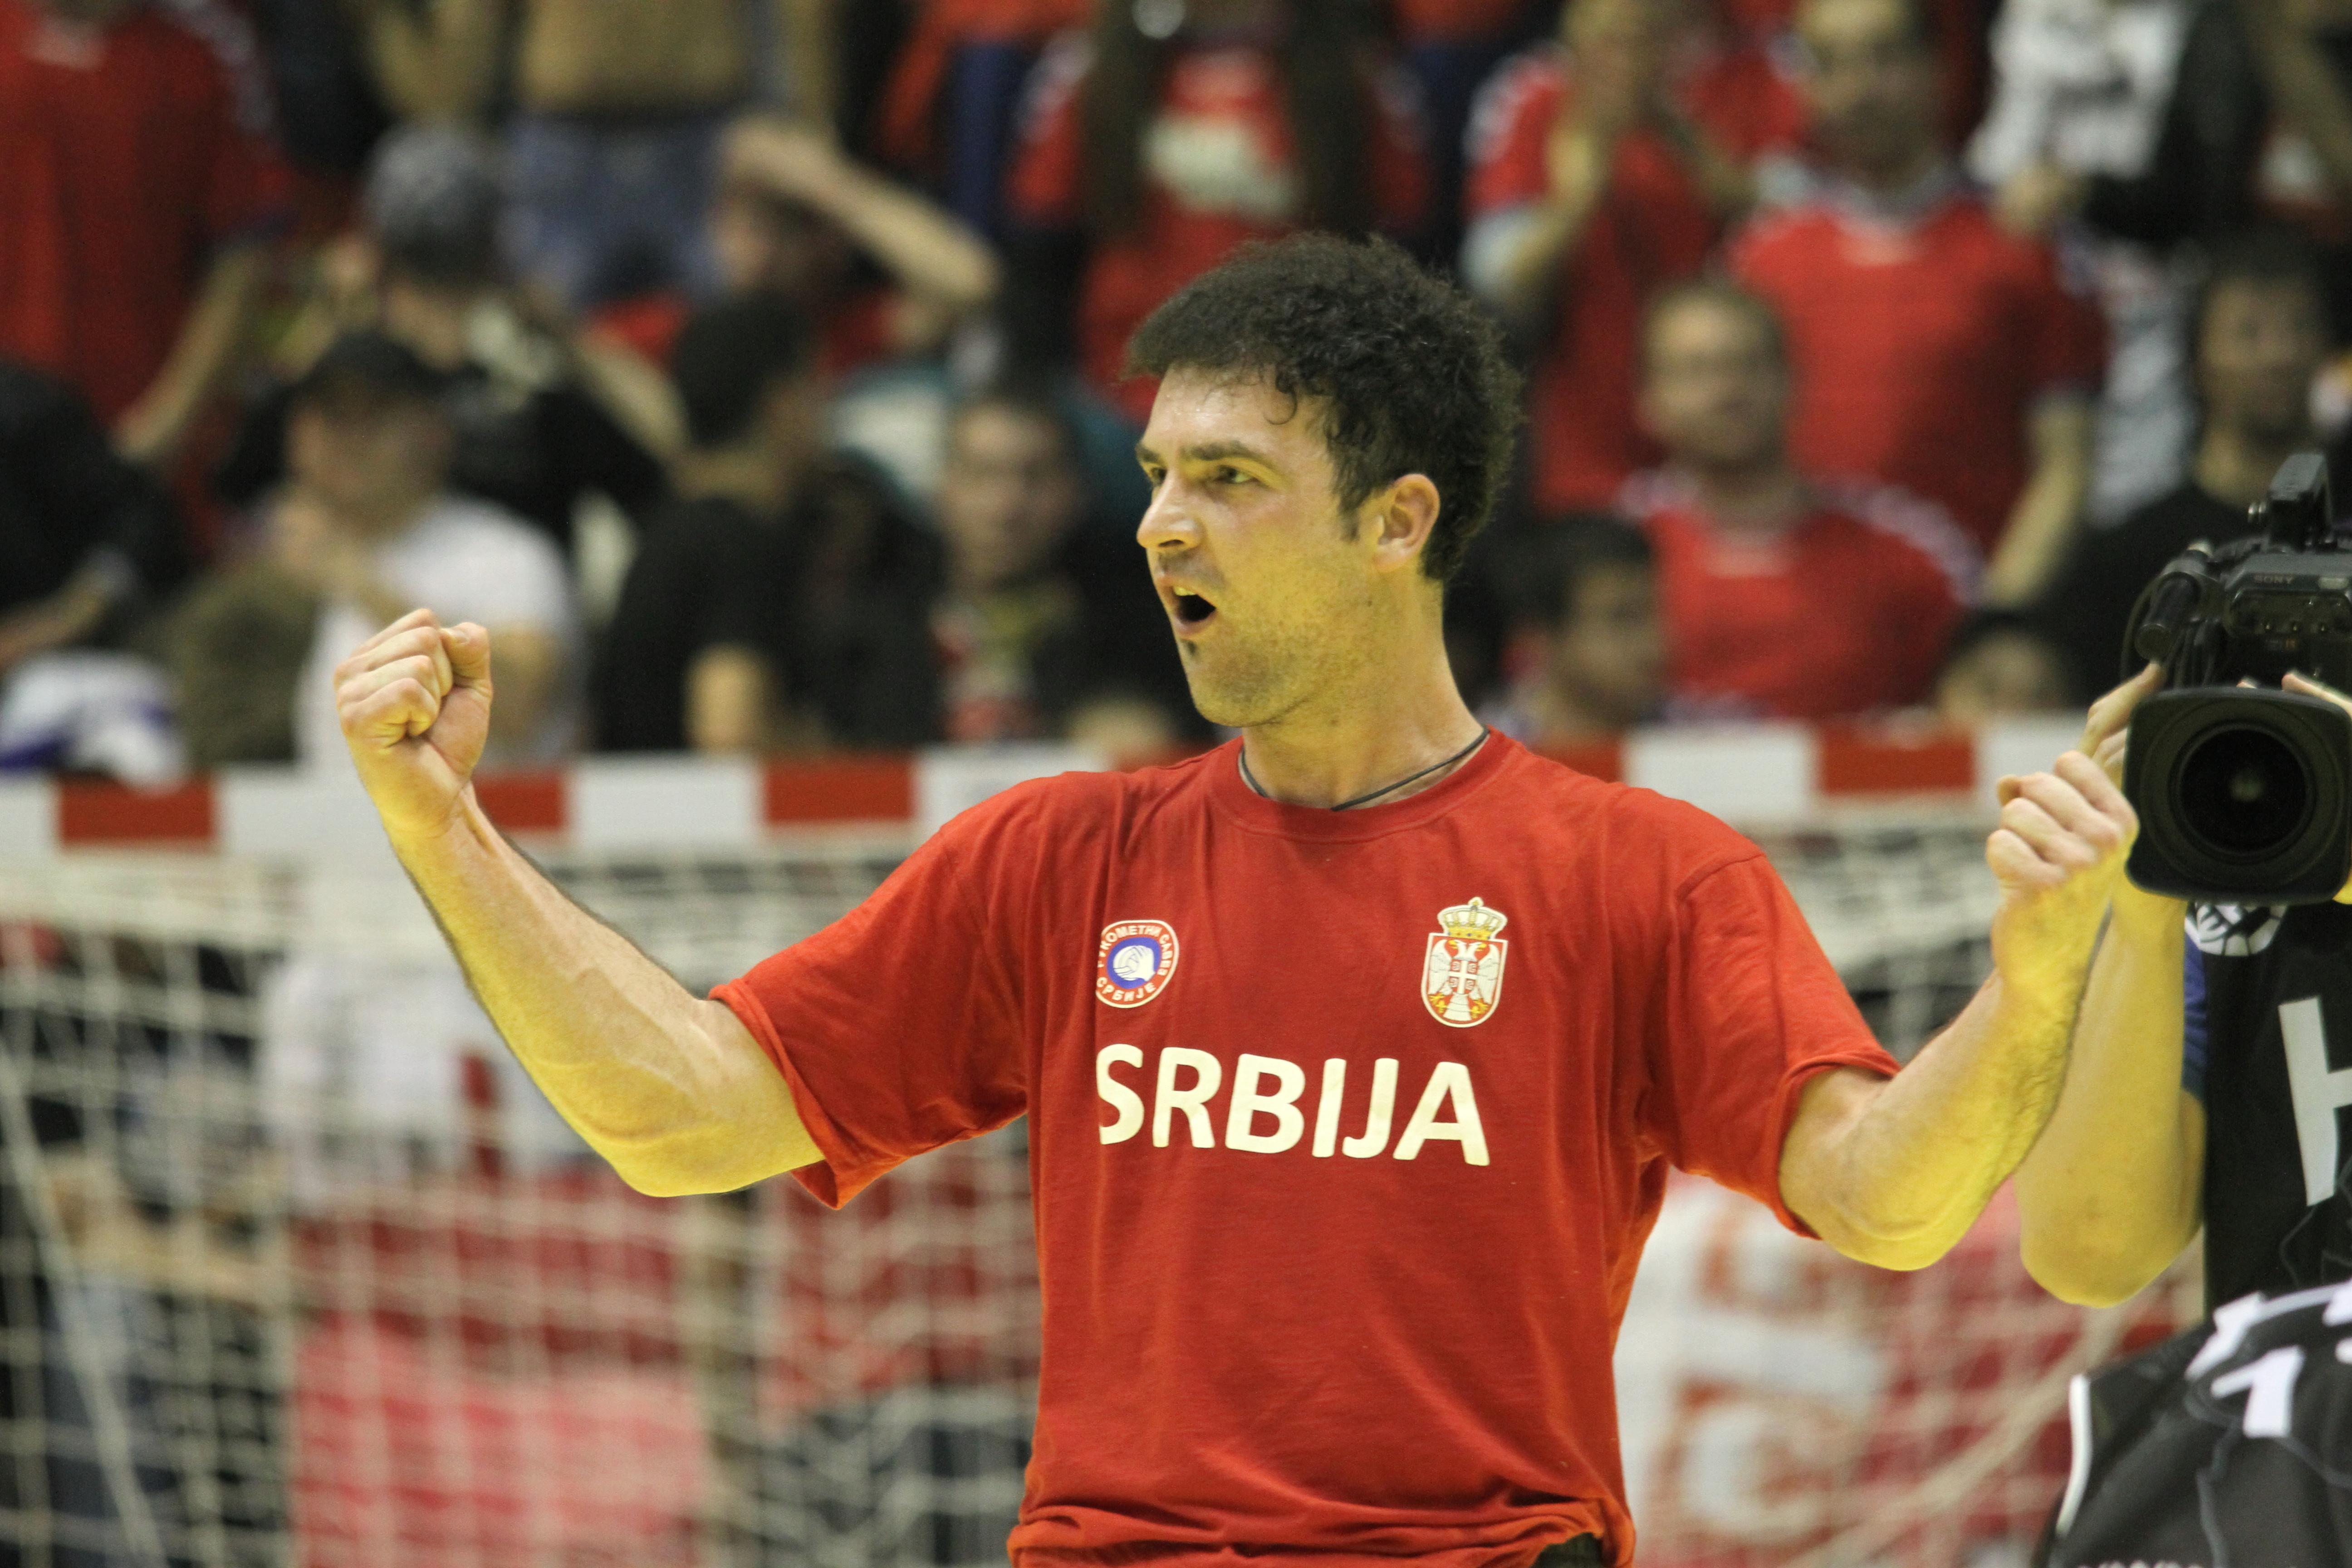 Serbia vant både på banen og tribunen!